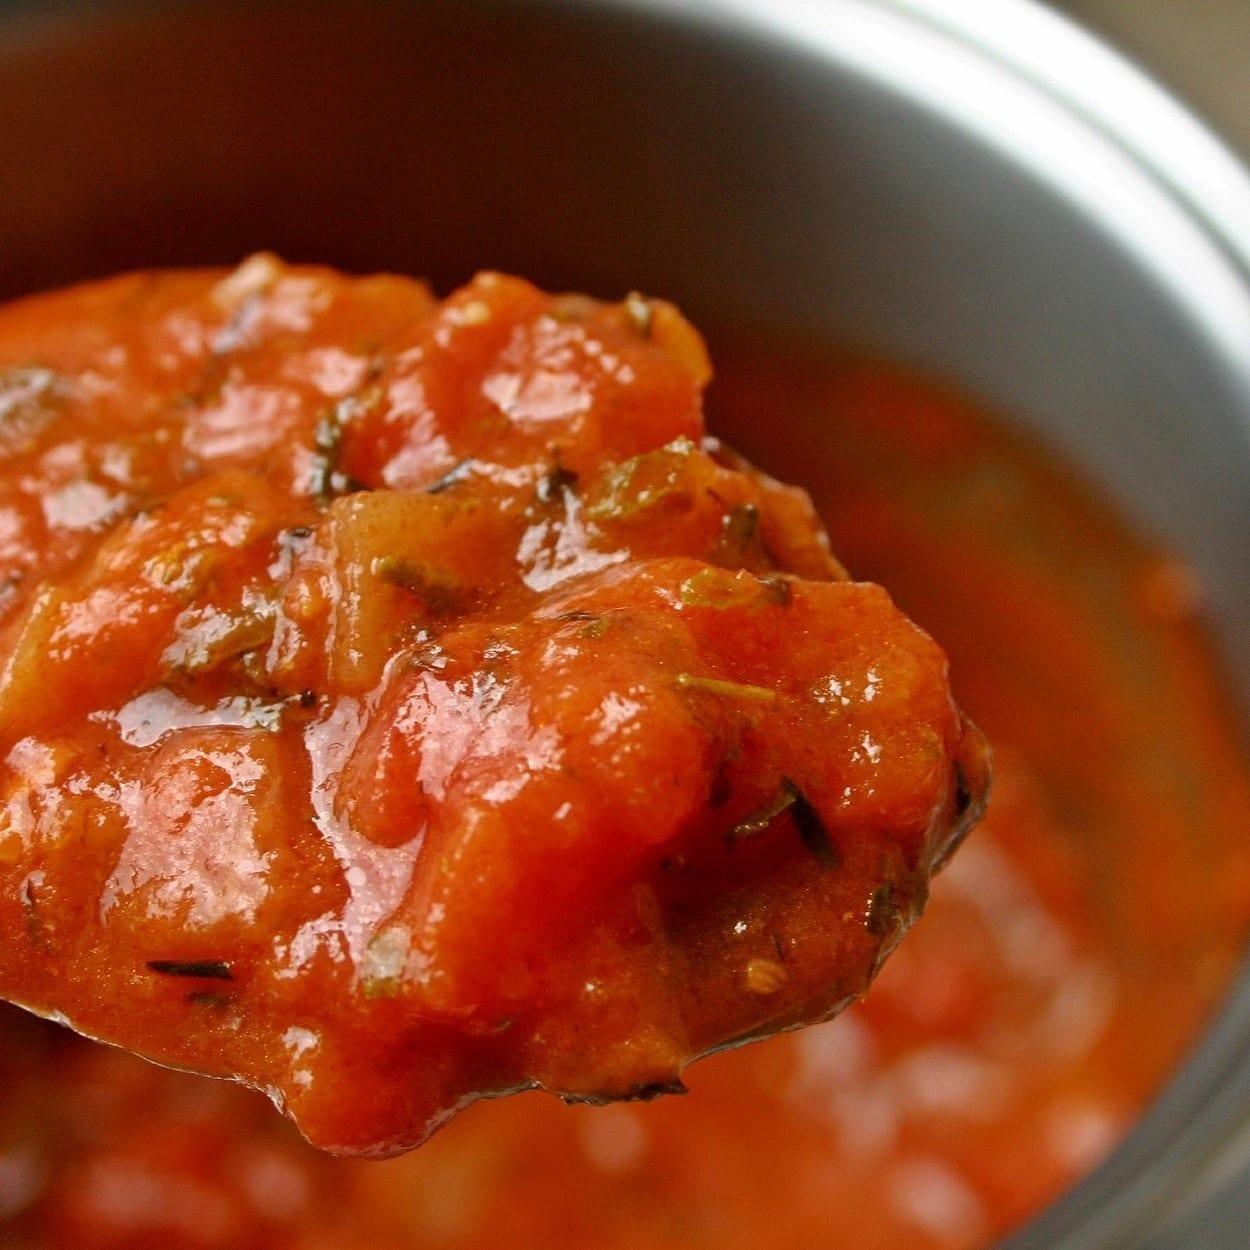 tomato-soup-482403_1920-7102419-6157471-9012939